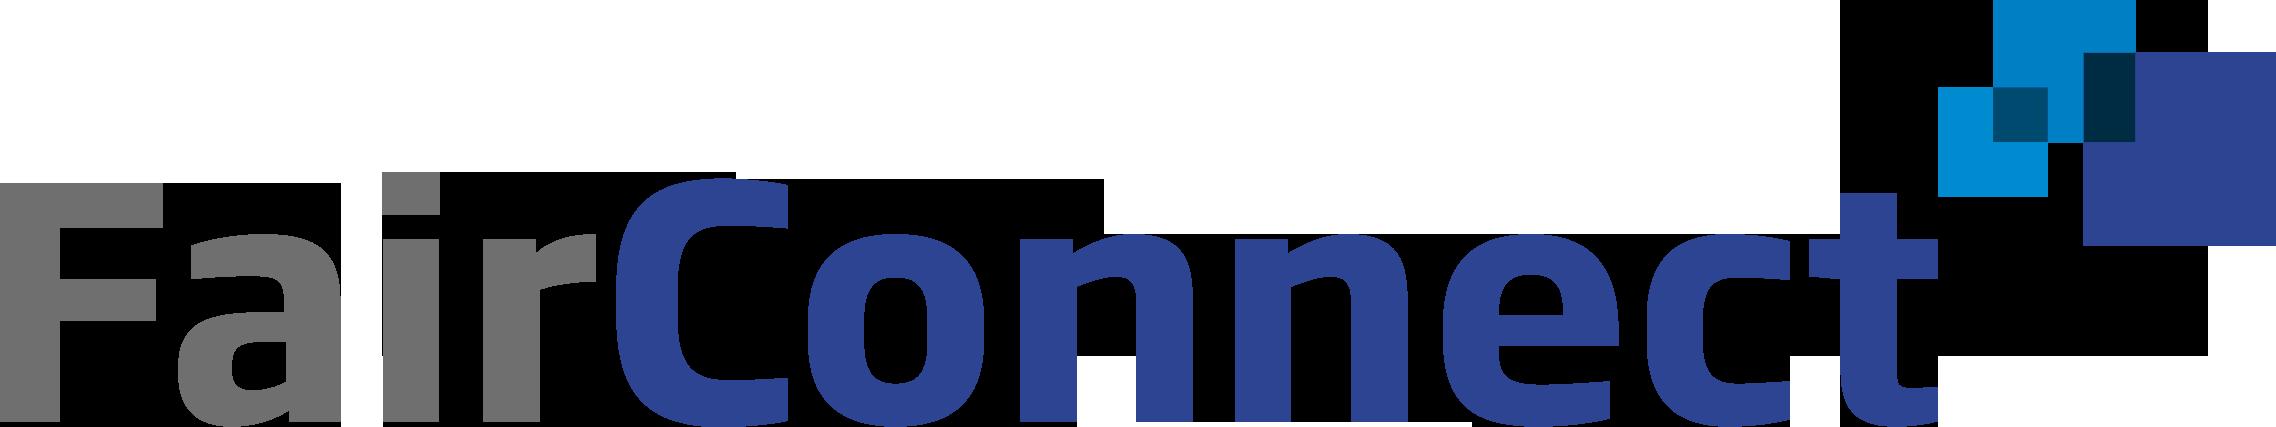 logo_fairconnect